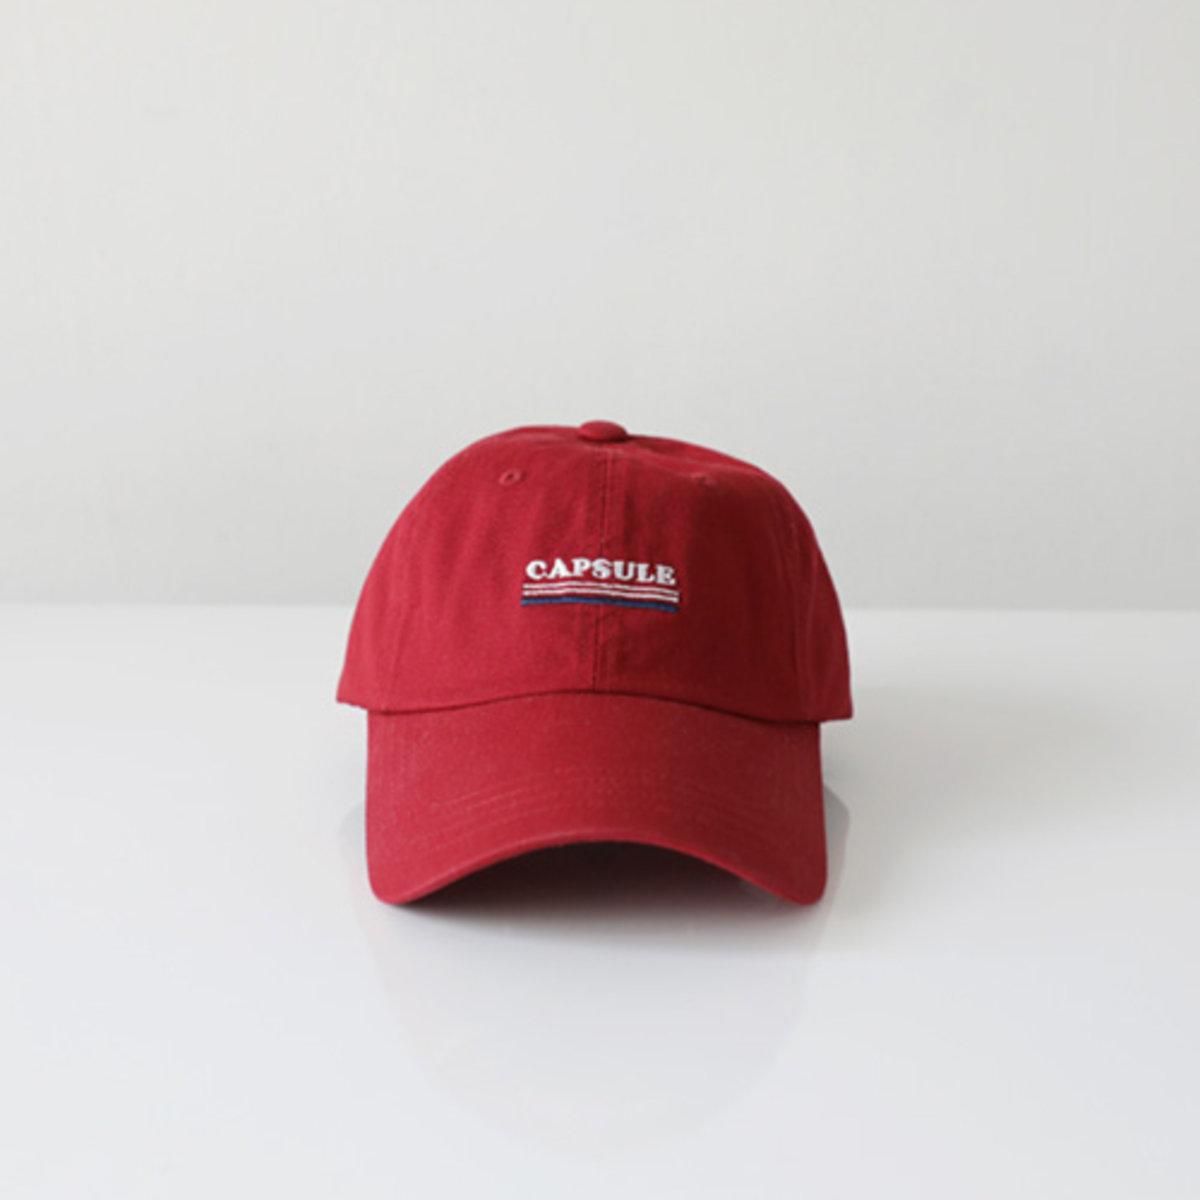 Vivid Capsule Cap